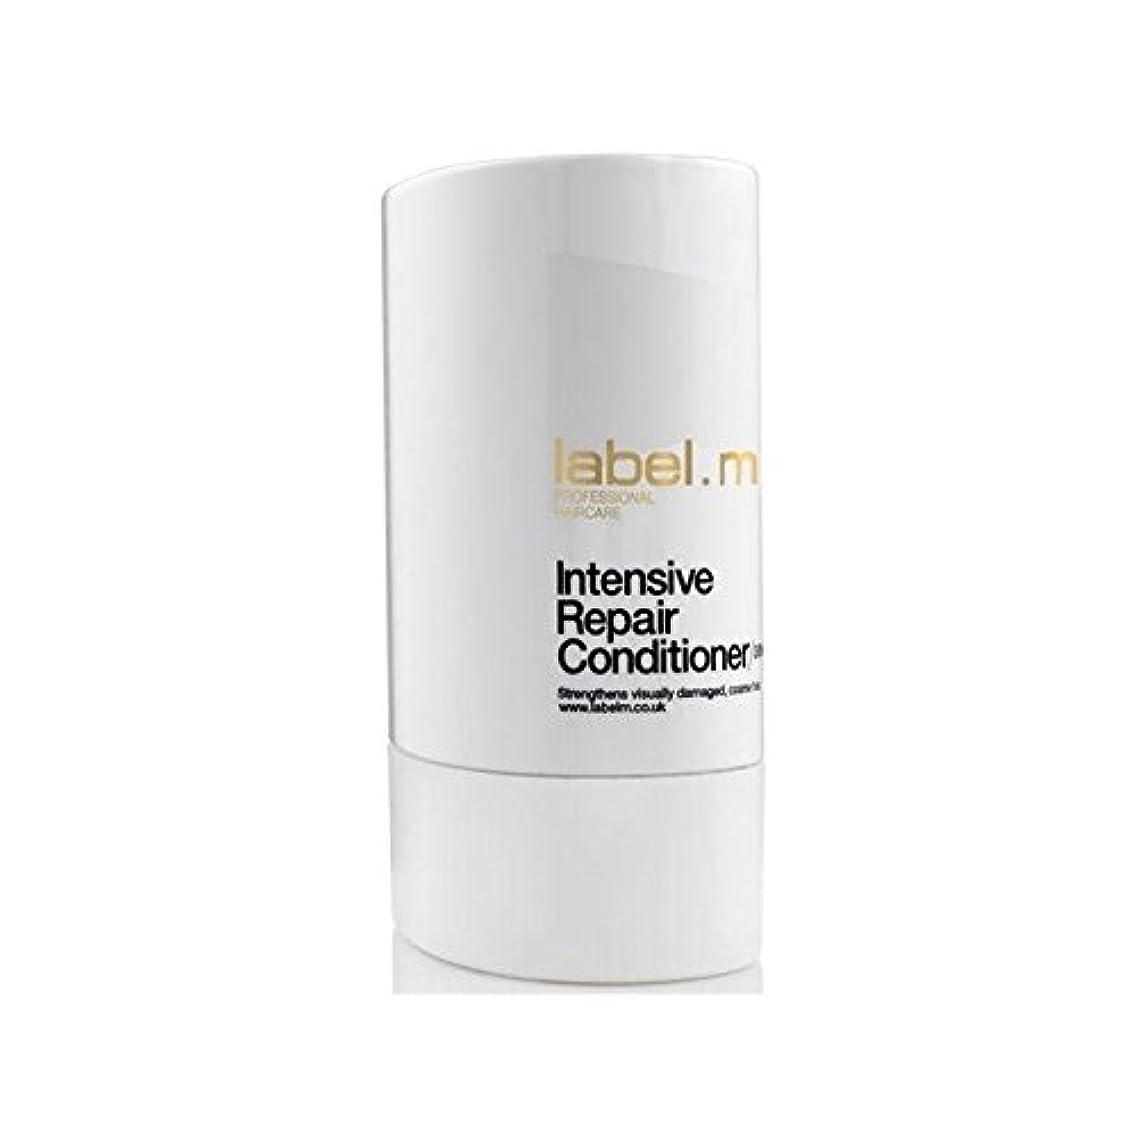 拡大する挨拶困惑したLabel.M Intensive Repair Conditioner (300ml) - .の集中リペアコンディショナー(300ミリリットル) [並行輸入品]